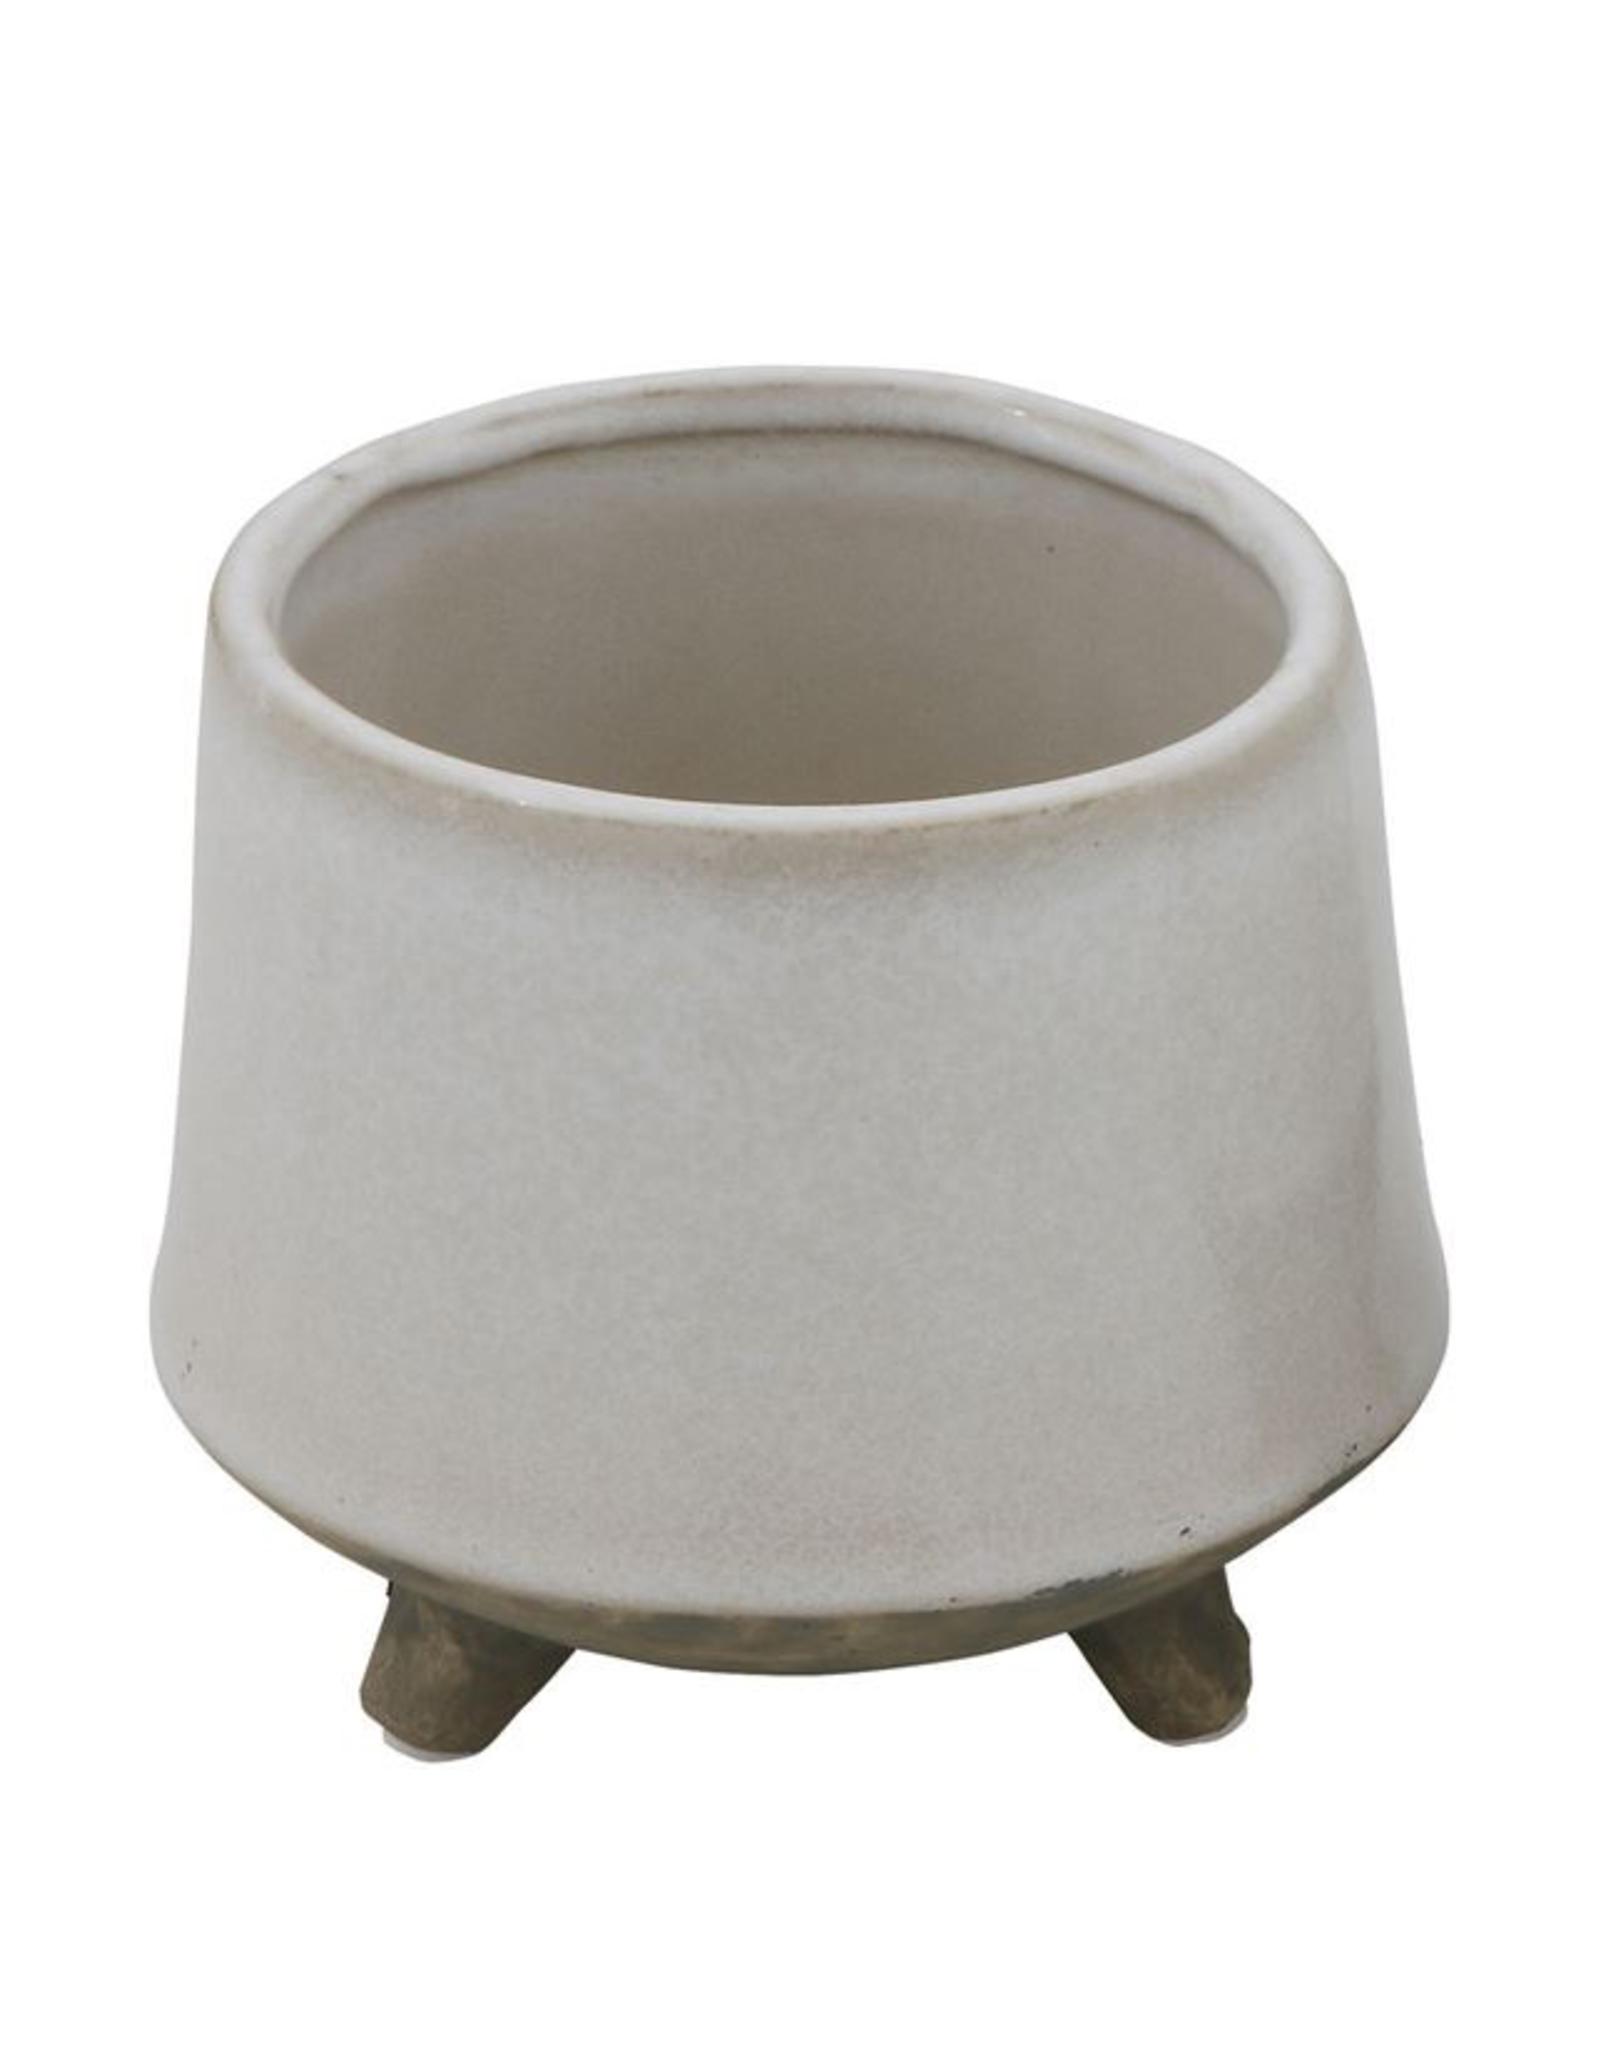 """Planter, Stoneware with Feet, White, Small, 5"""""""